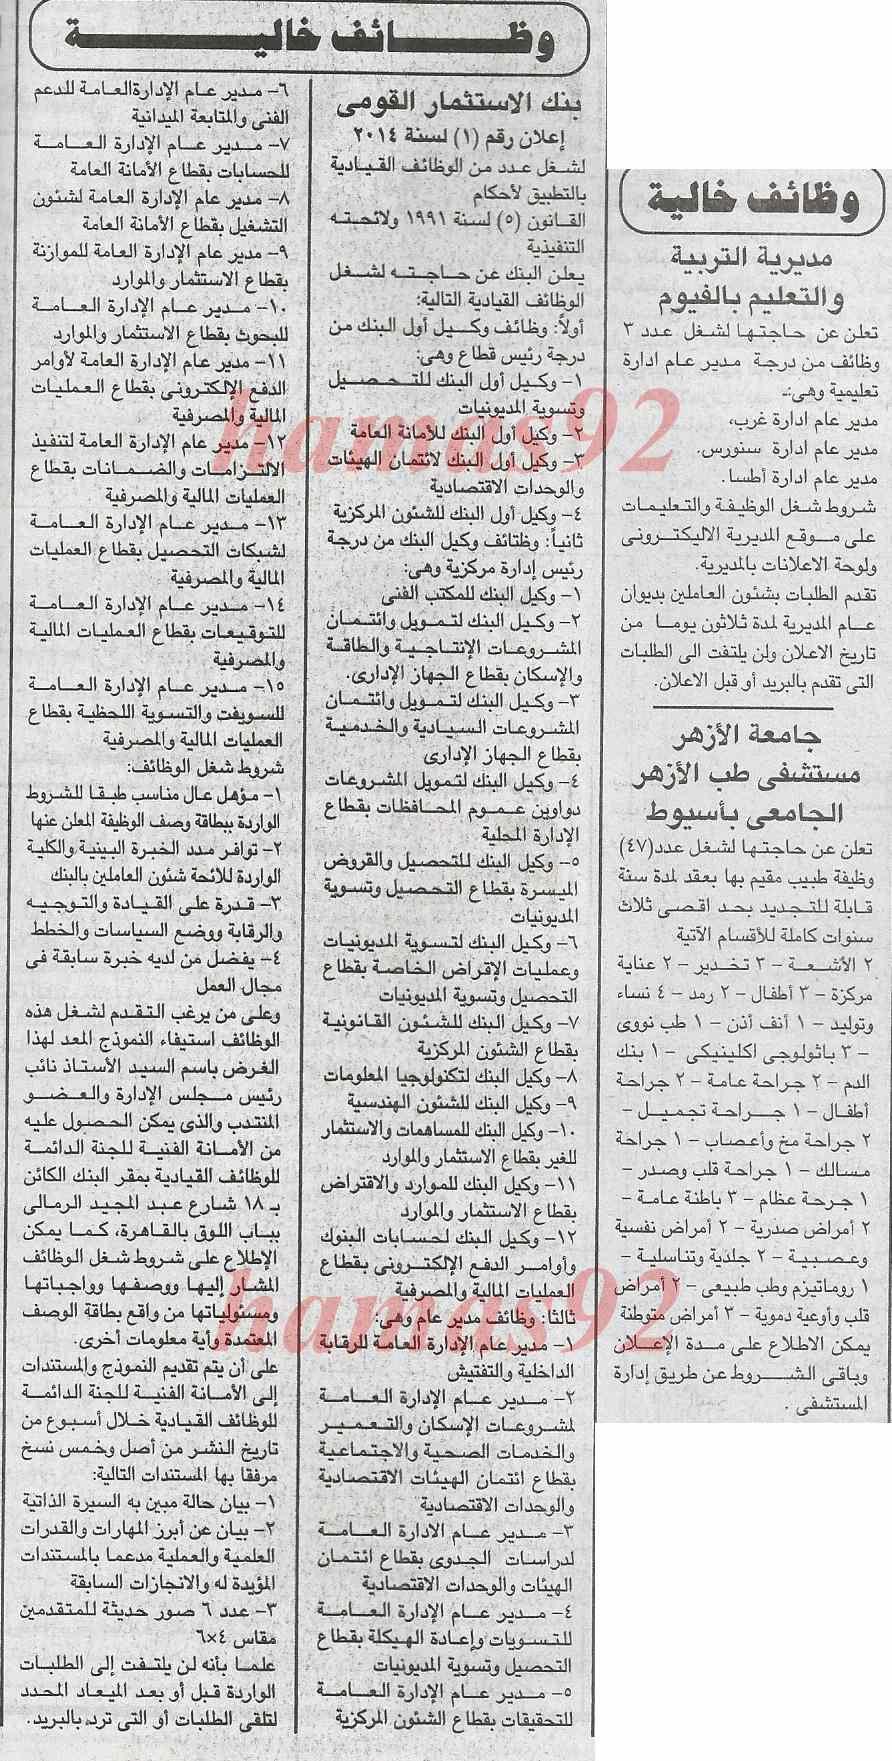 وظائف خالية جديدة اليوم الجمعه 4 نيسان 2014 , وظائف جريدة الجمهورية 4/4/2014